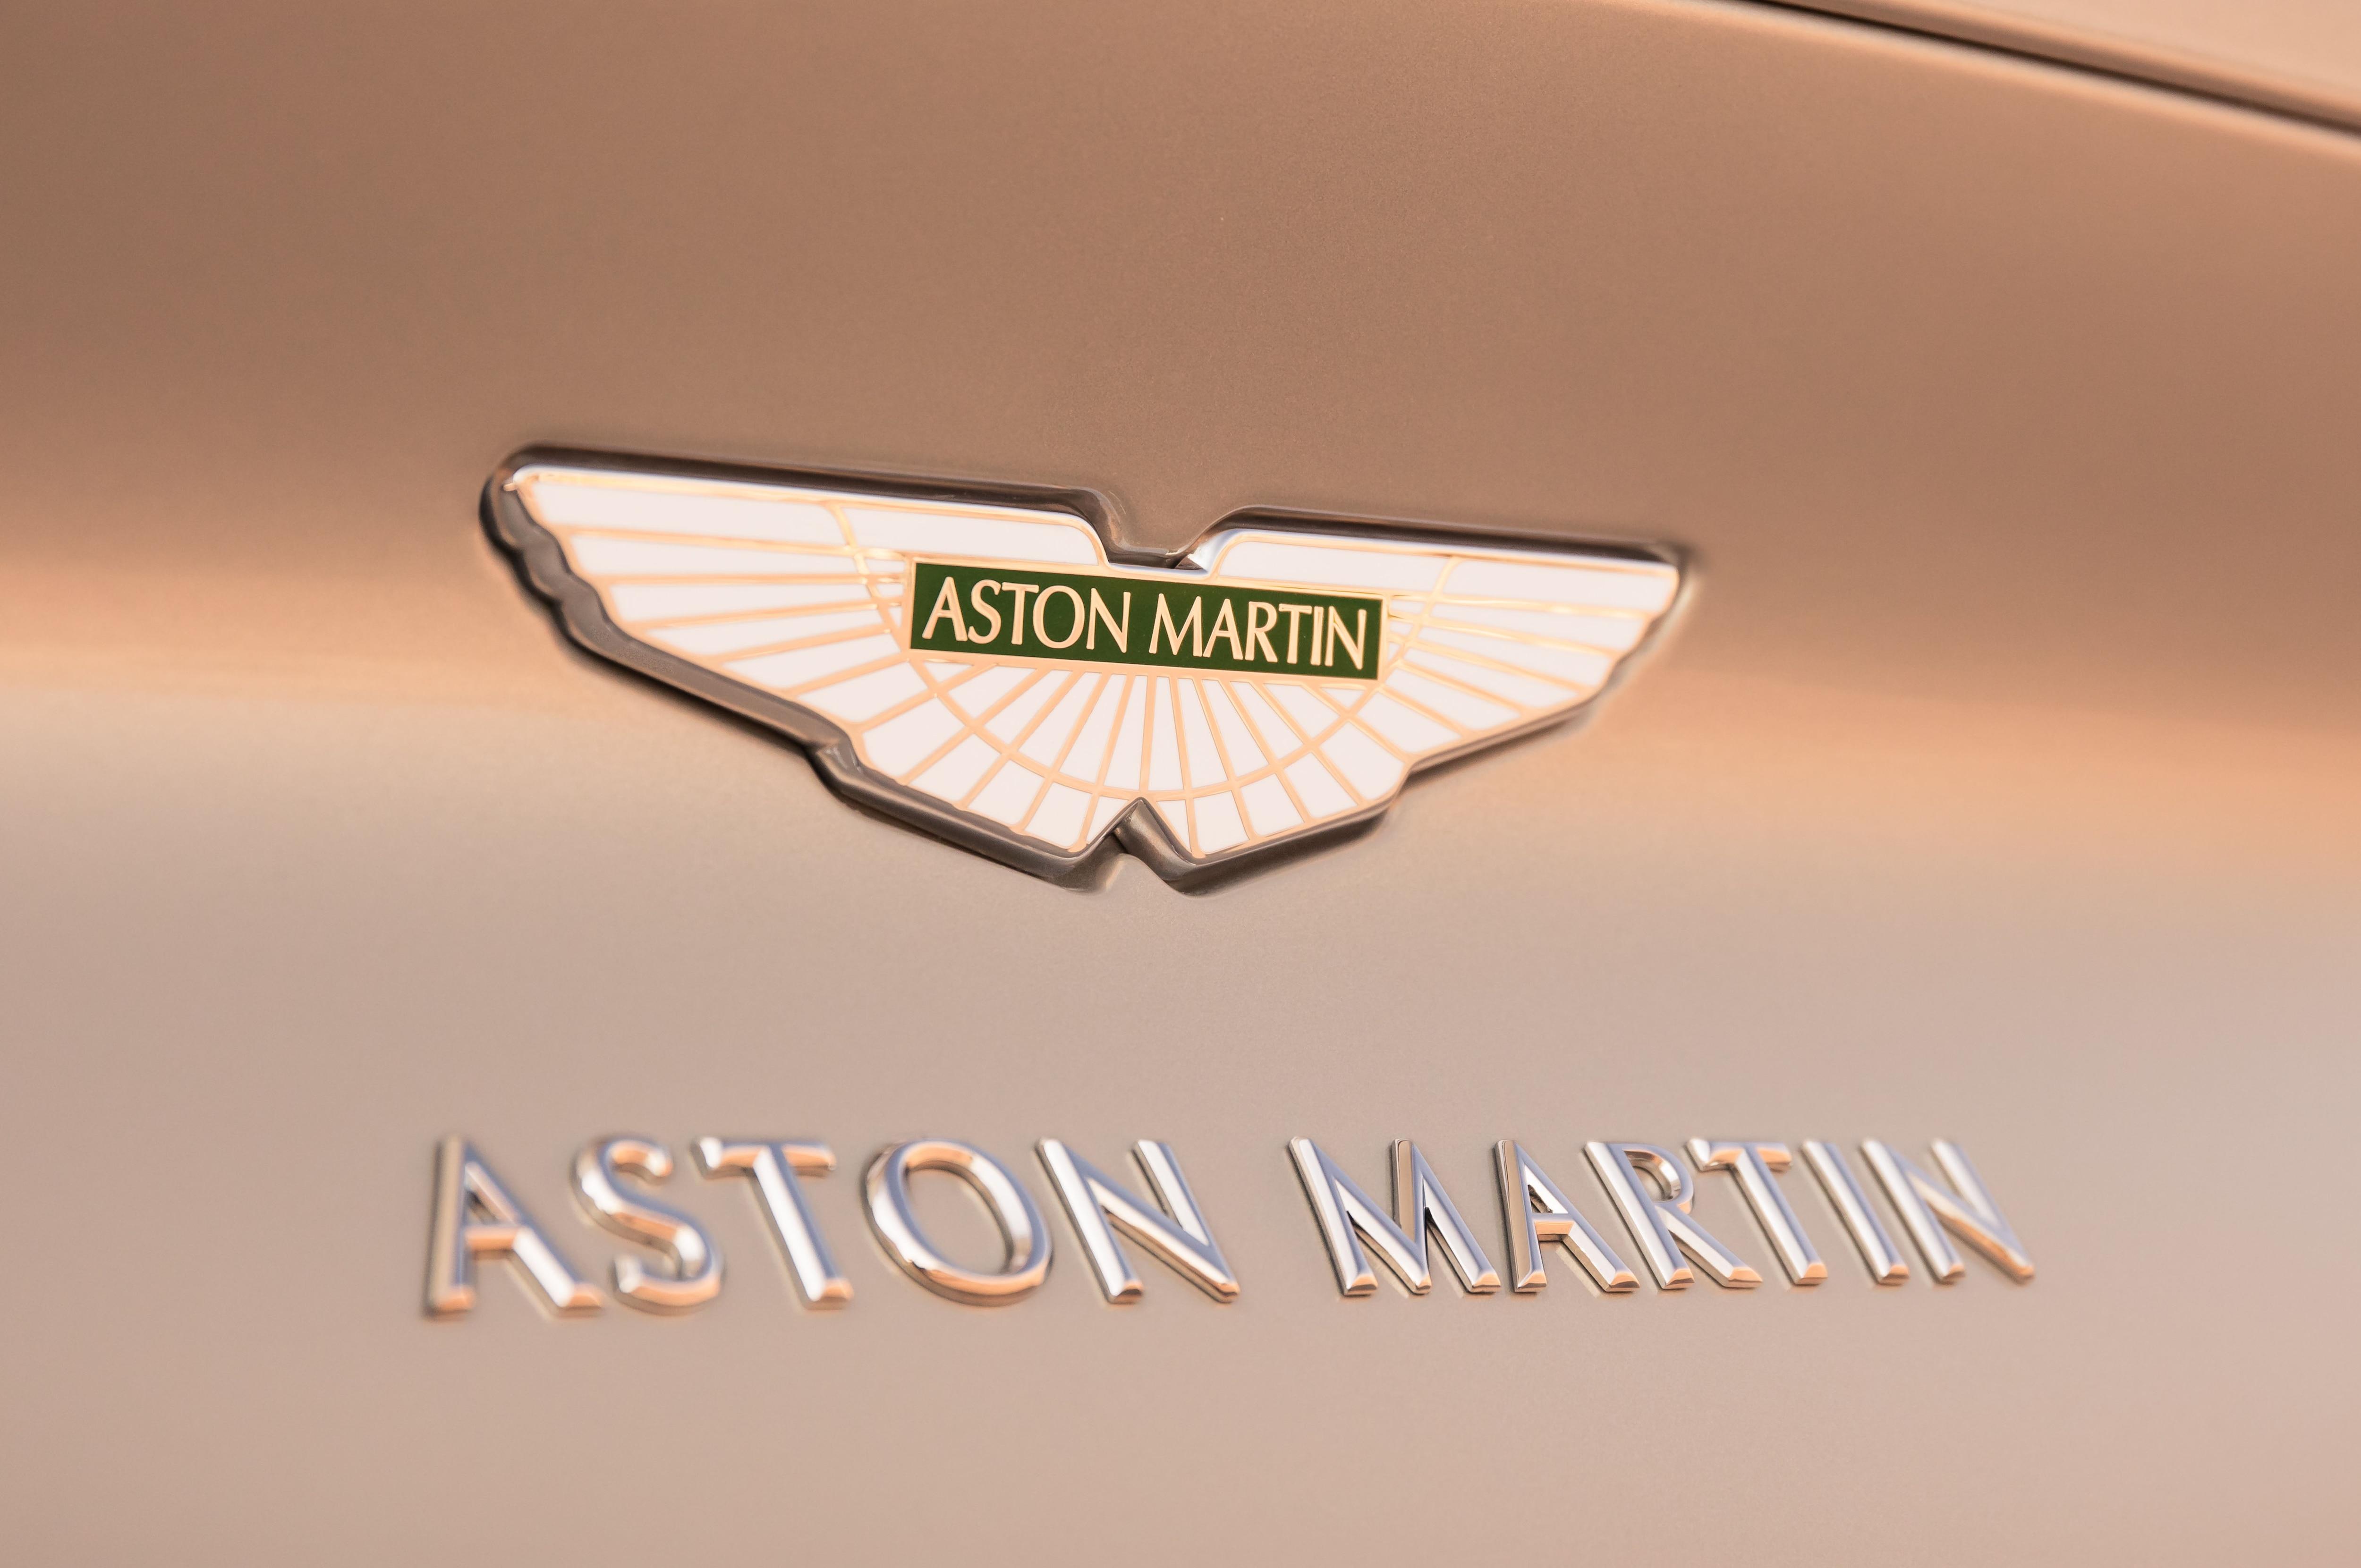 Aston Martin DB11 Volante Exterior Badge